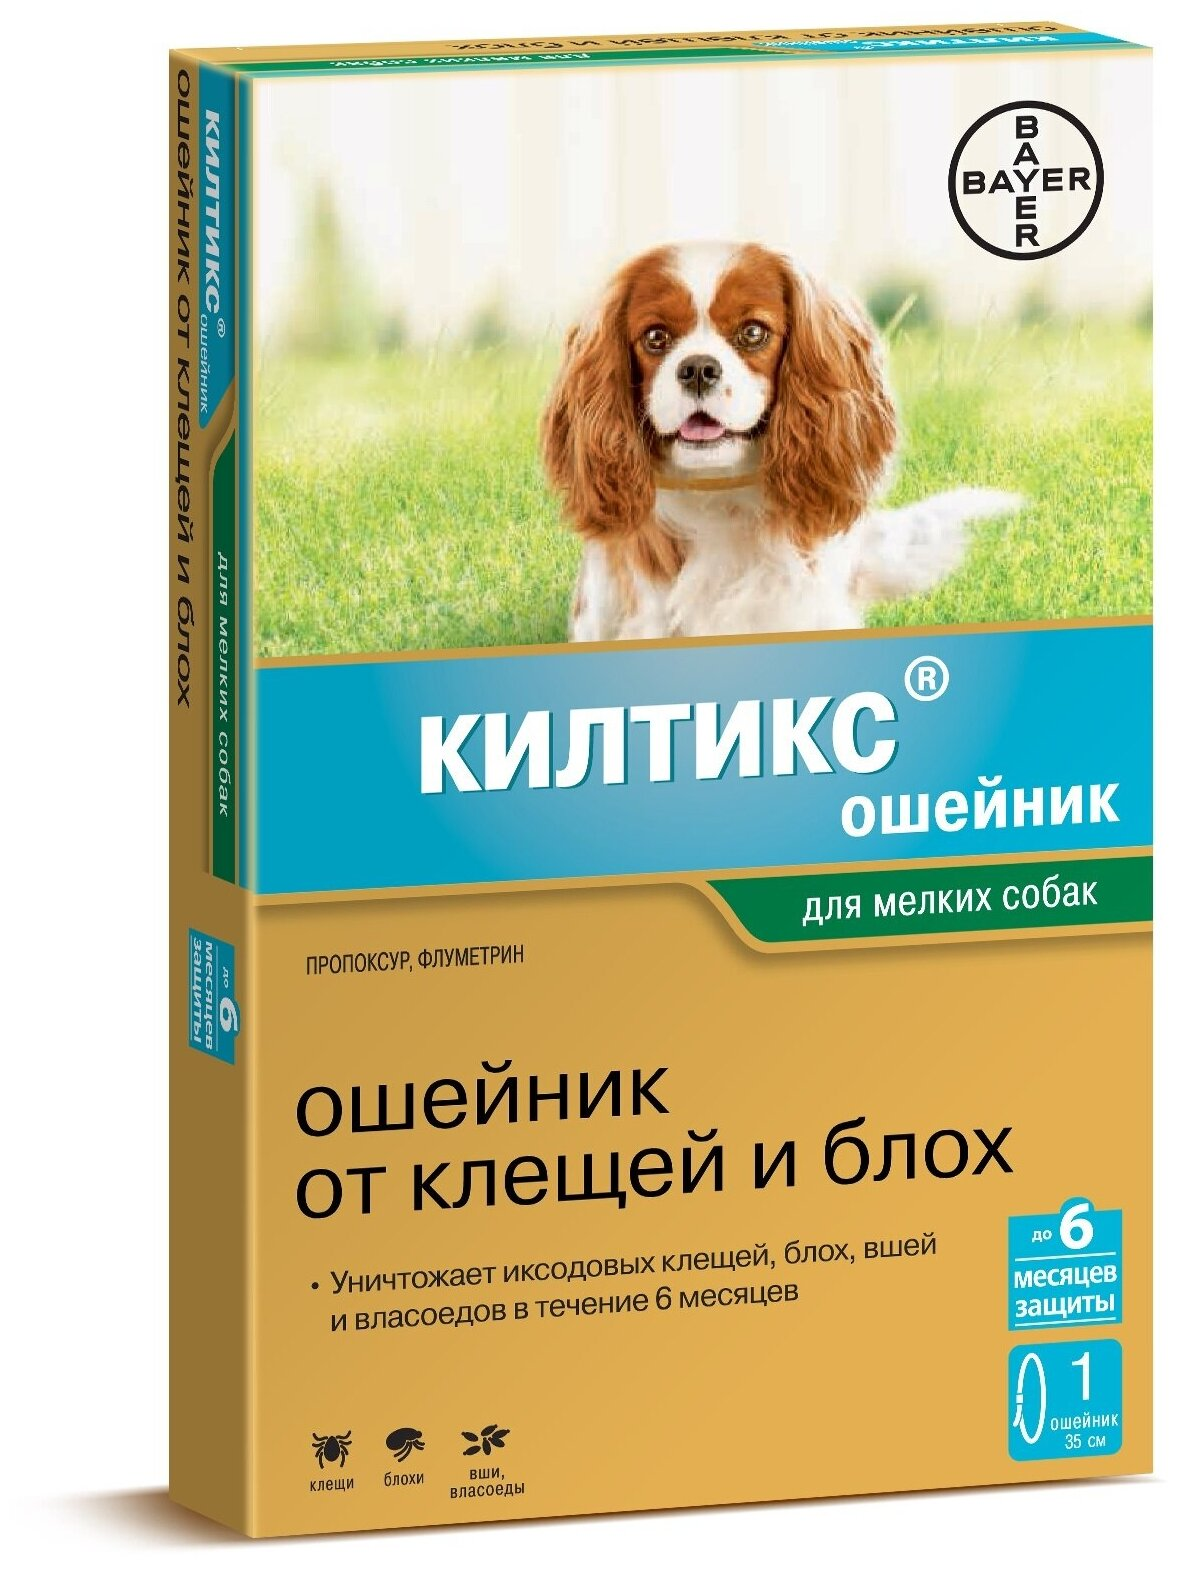 Килтикс (Bayer) ошейник от блох и клещей инсектоакарицидный для собак и щенков — купить по выгодной цене на Яндекс.Маркете